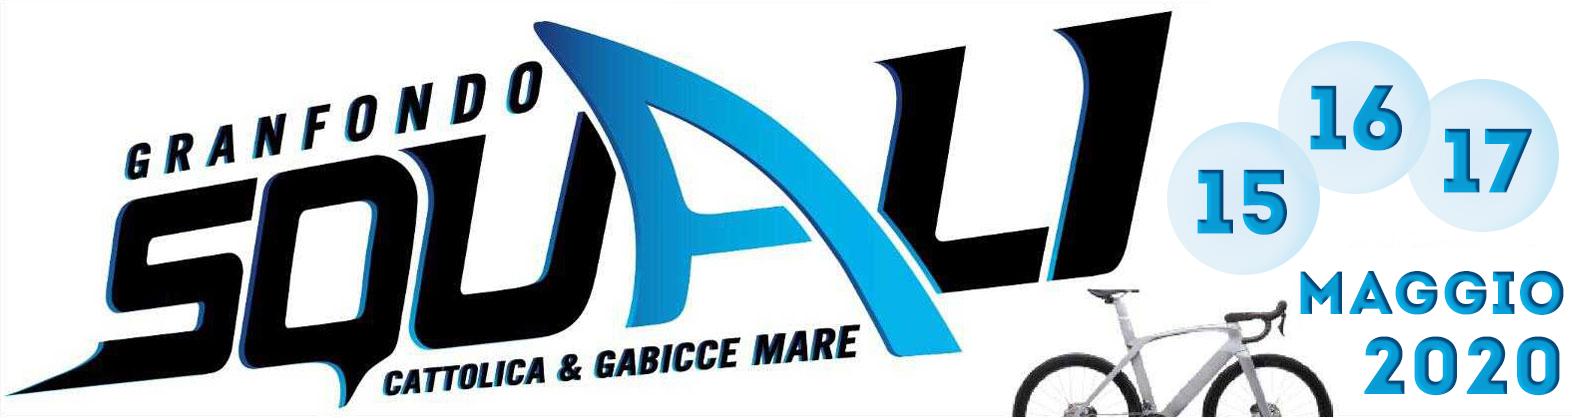 logo_granfondo_degli_squali 2020